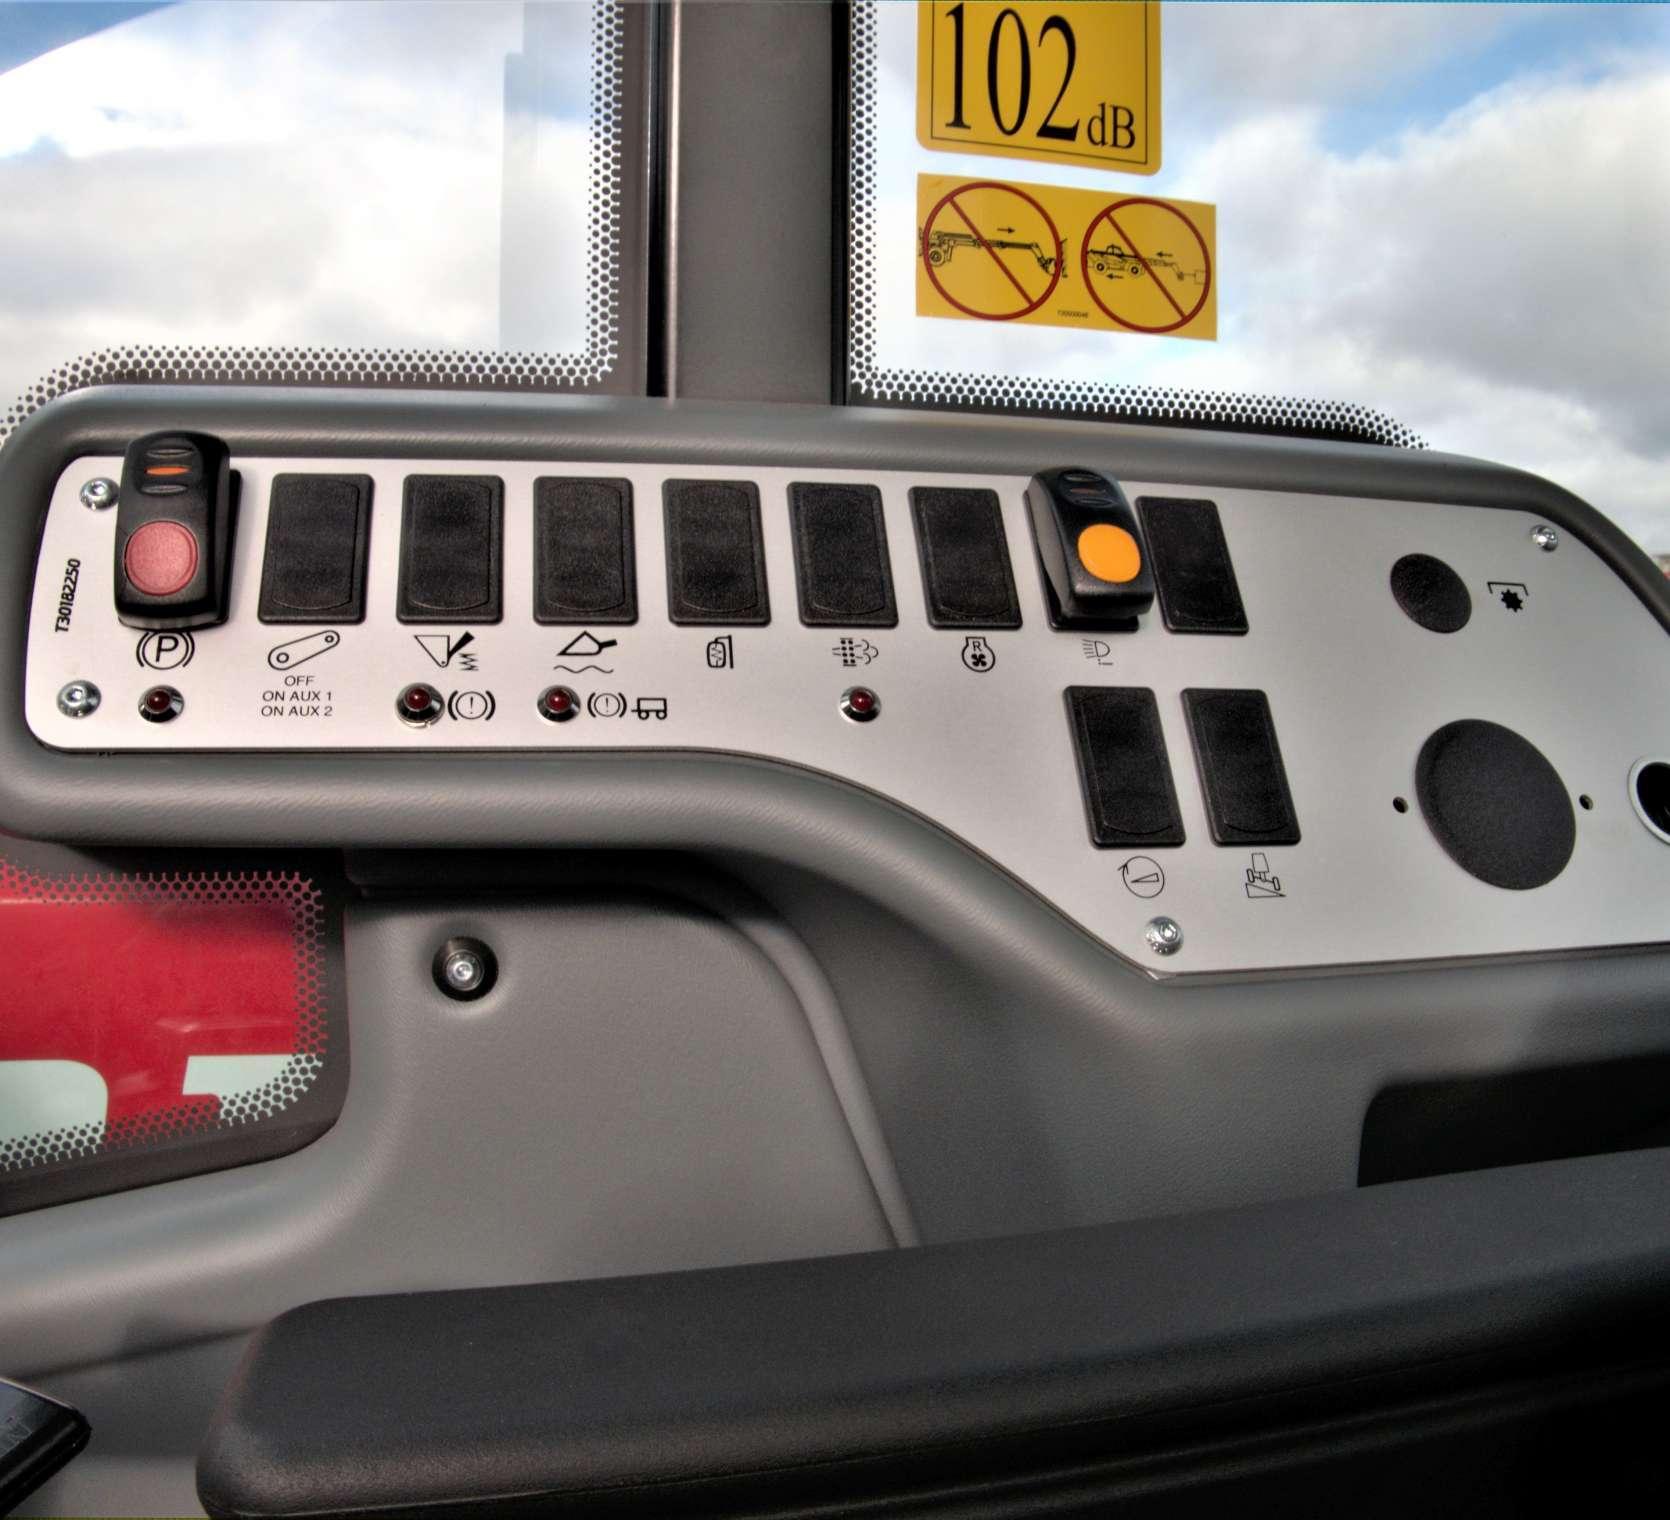 Faresin ładowarka teleskopowa serii middle 7.35 classic 74 konsola przycisków